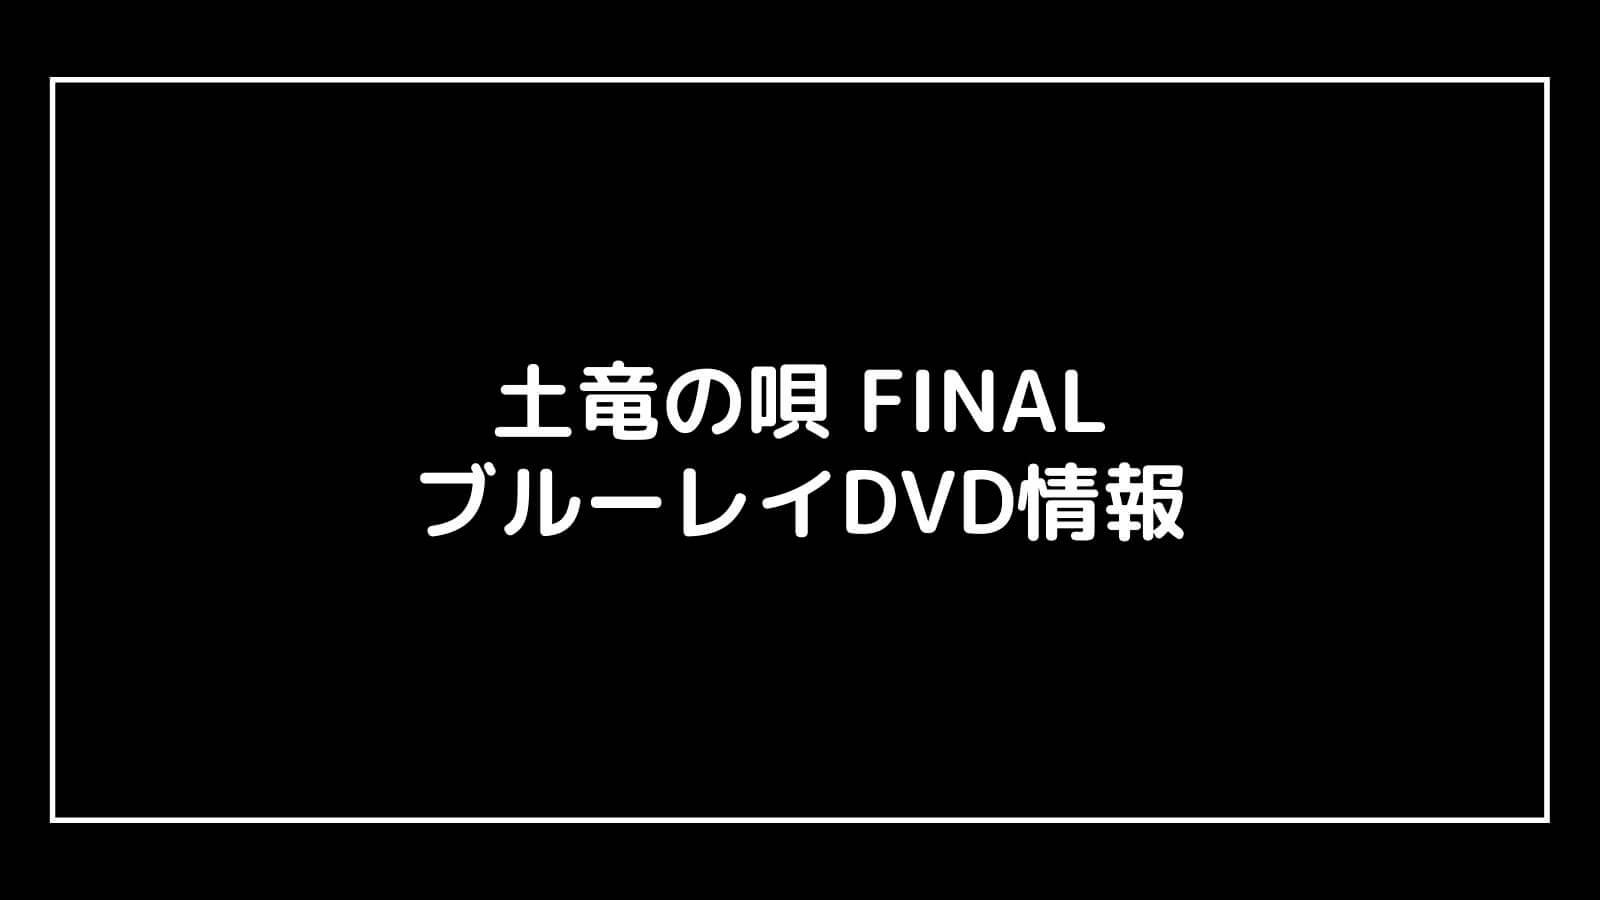 映画『土竜の唄 FINAL』のDVD発売日と予約開始日はいつから?円盤情報まとめ